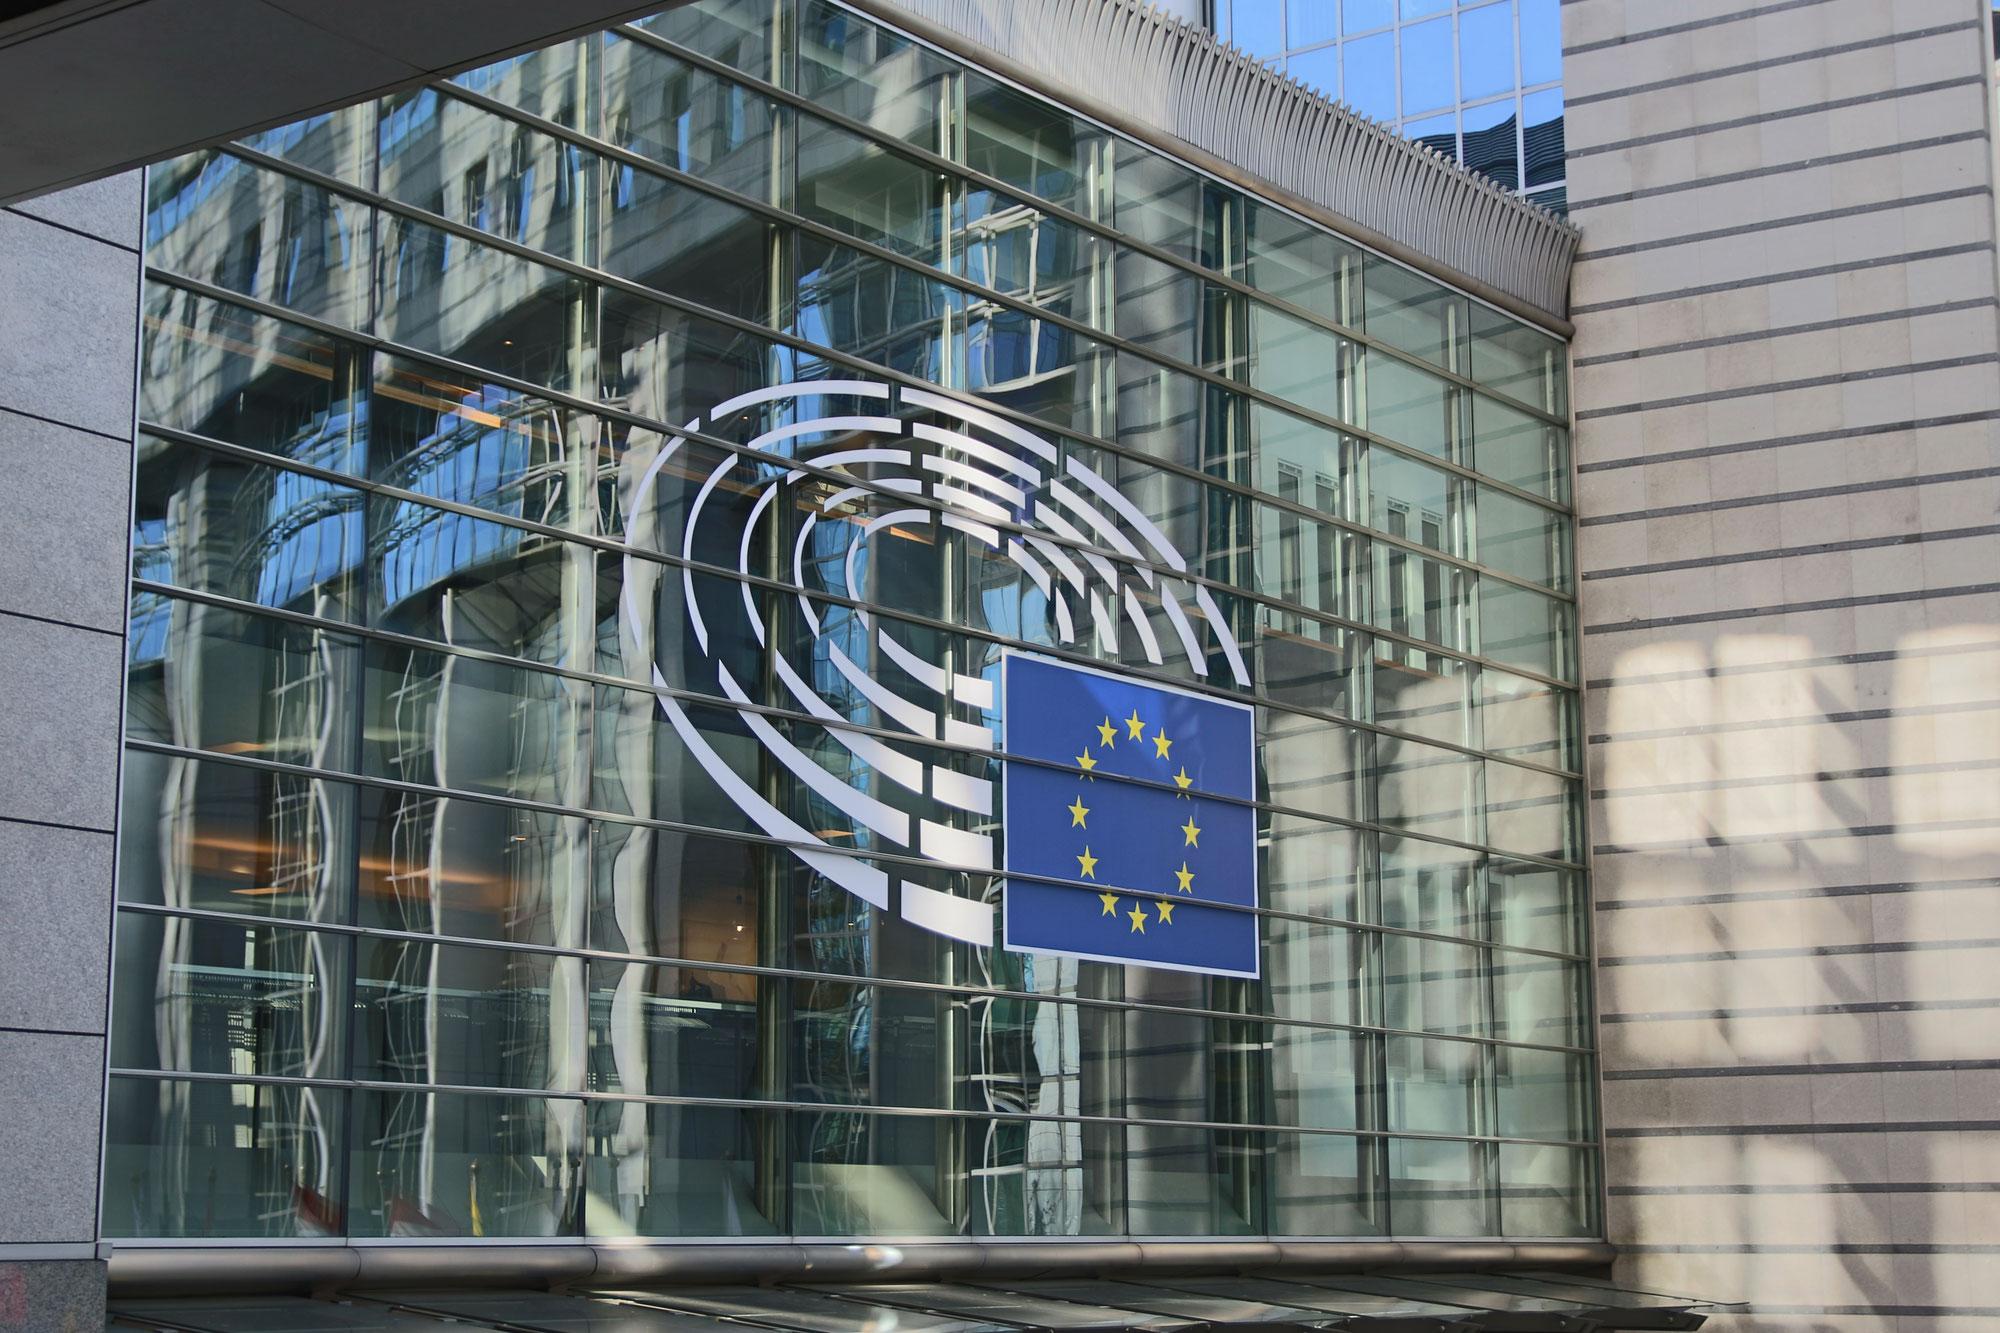 Europaparlament gibt grünes Licht für 243 Milliarden Euro Förderung regionaler Entwicklung